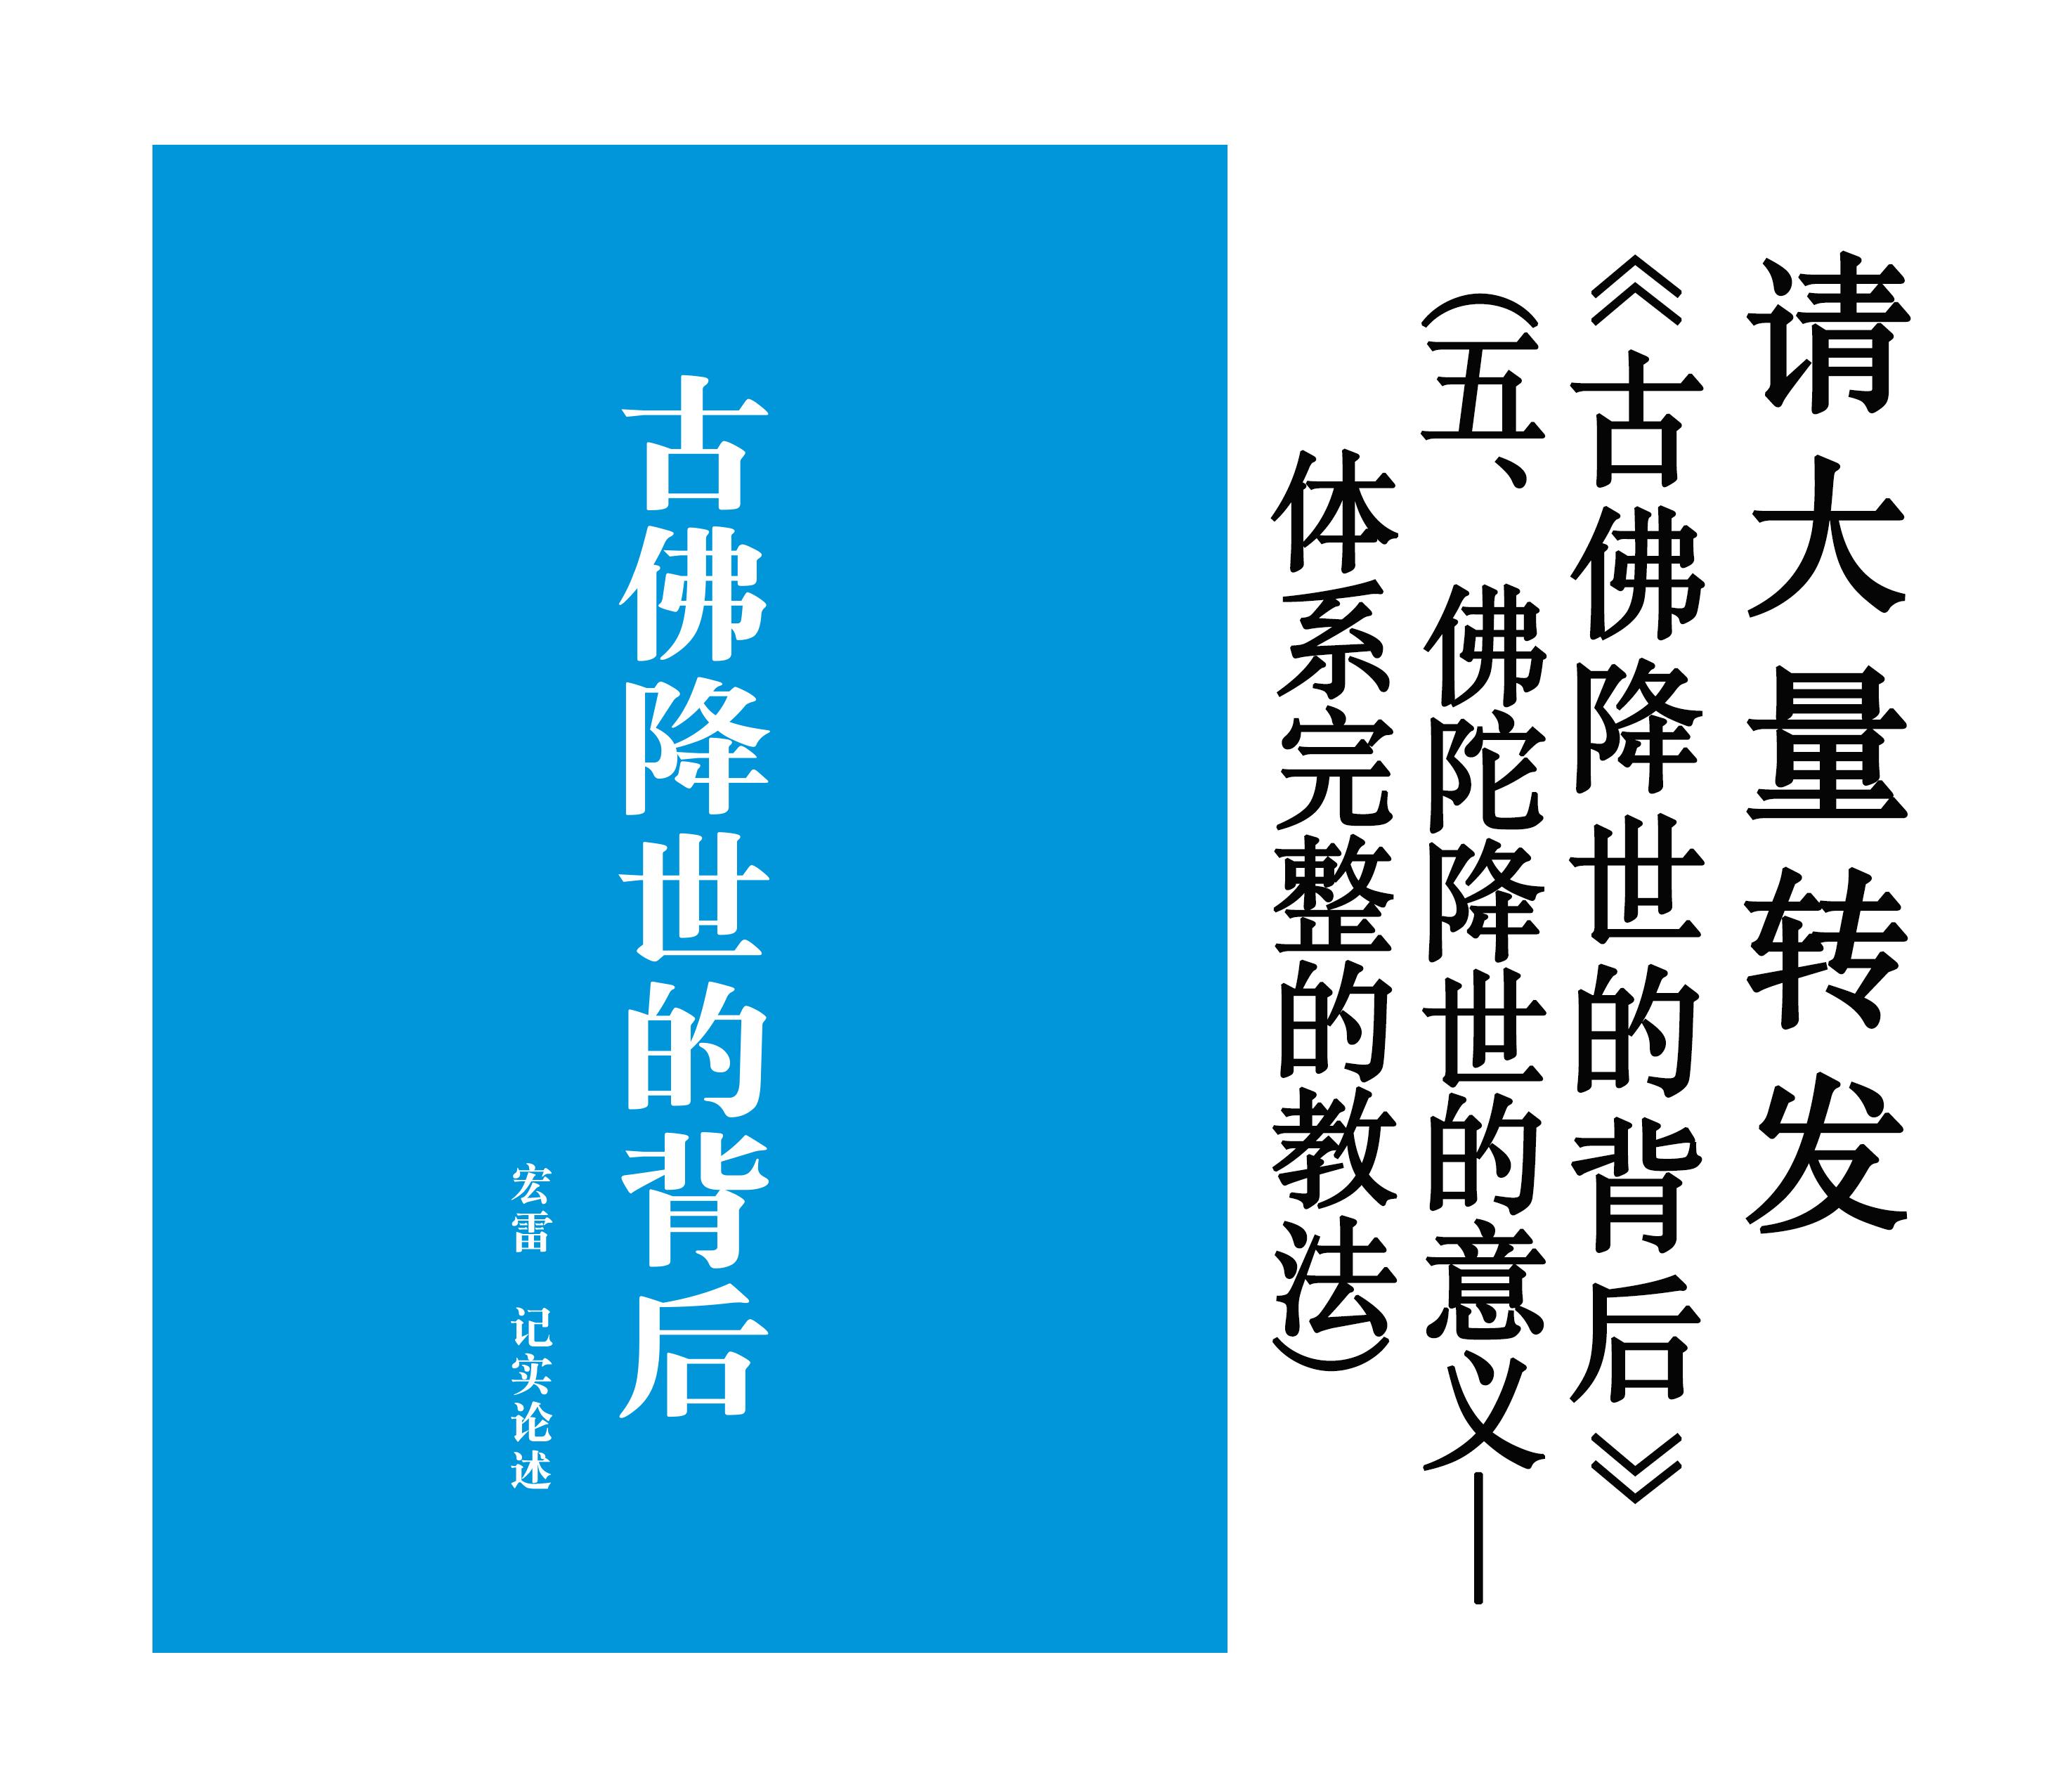 请大量转发《古佛降世的背后》五、佛陀降世的意义—  体系完整的教法